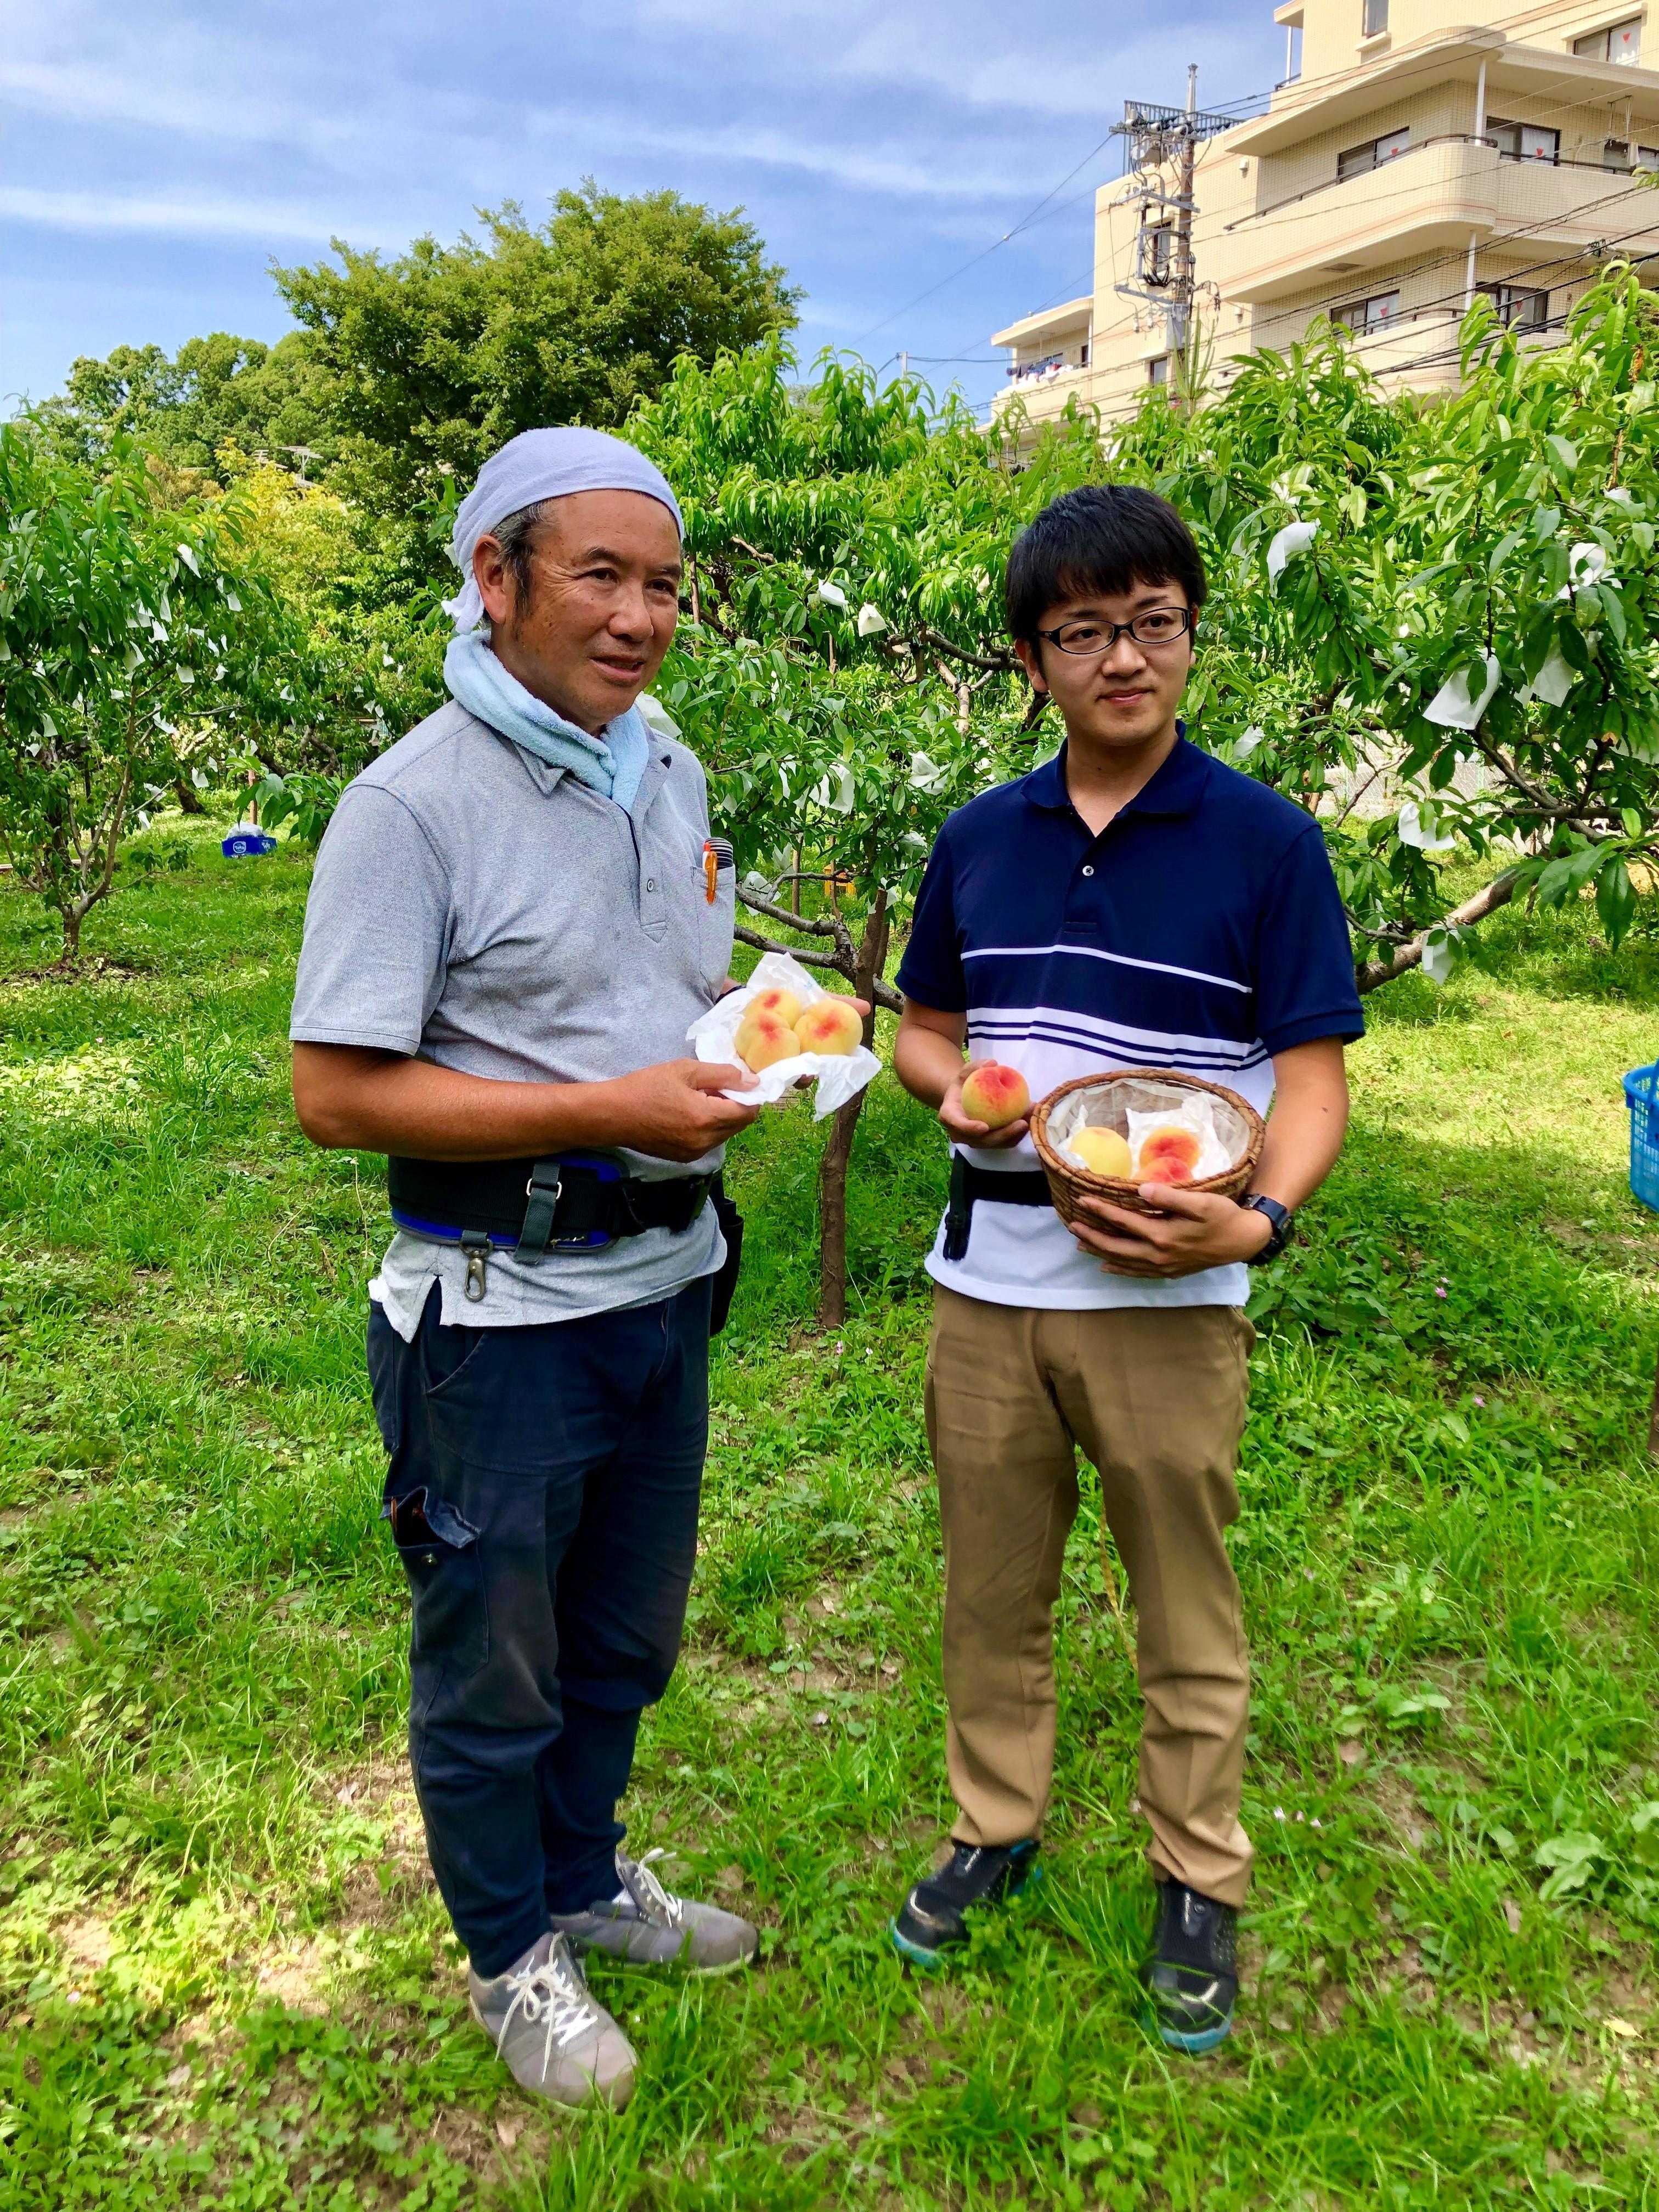 綱島 幻の桃 2020今年度も収穫無事完了!